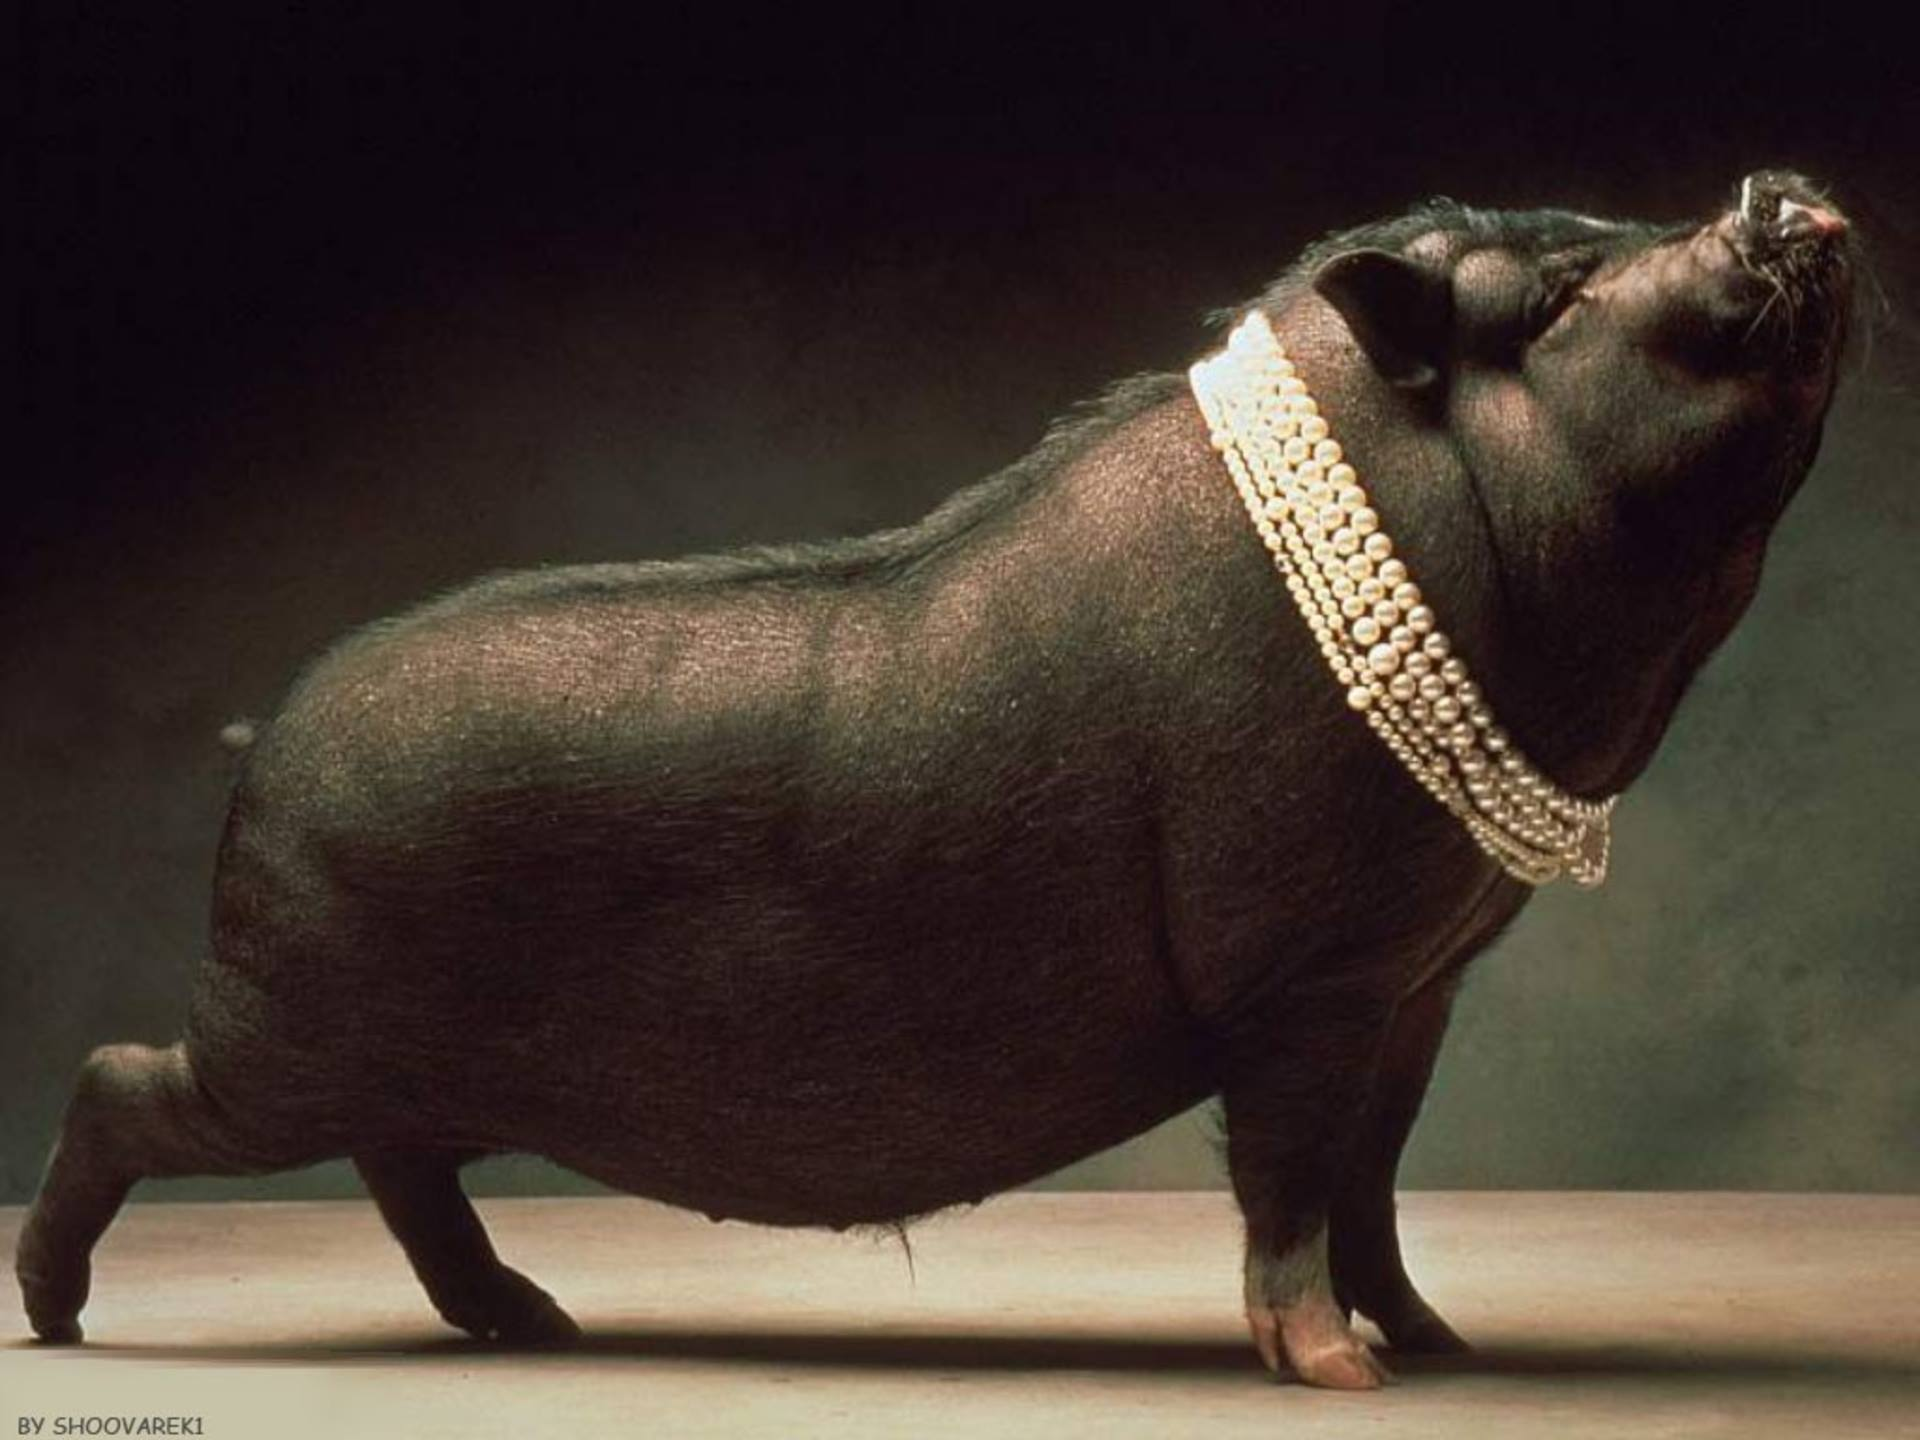 Метать бисер перед свиньями